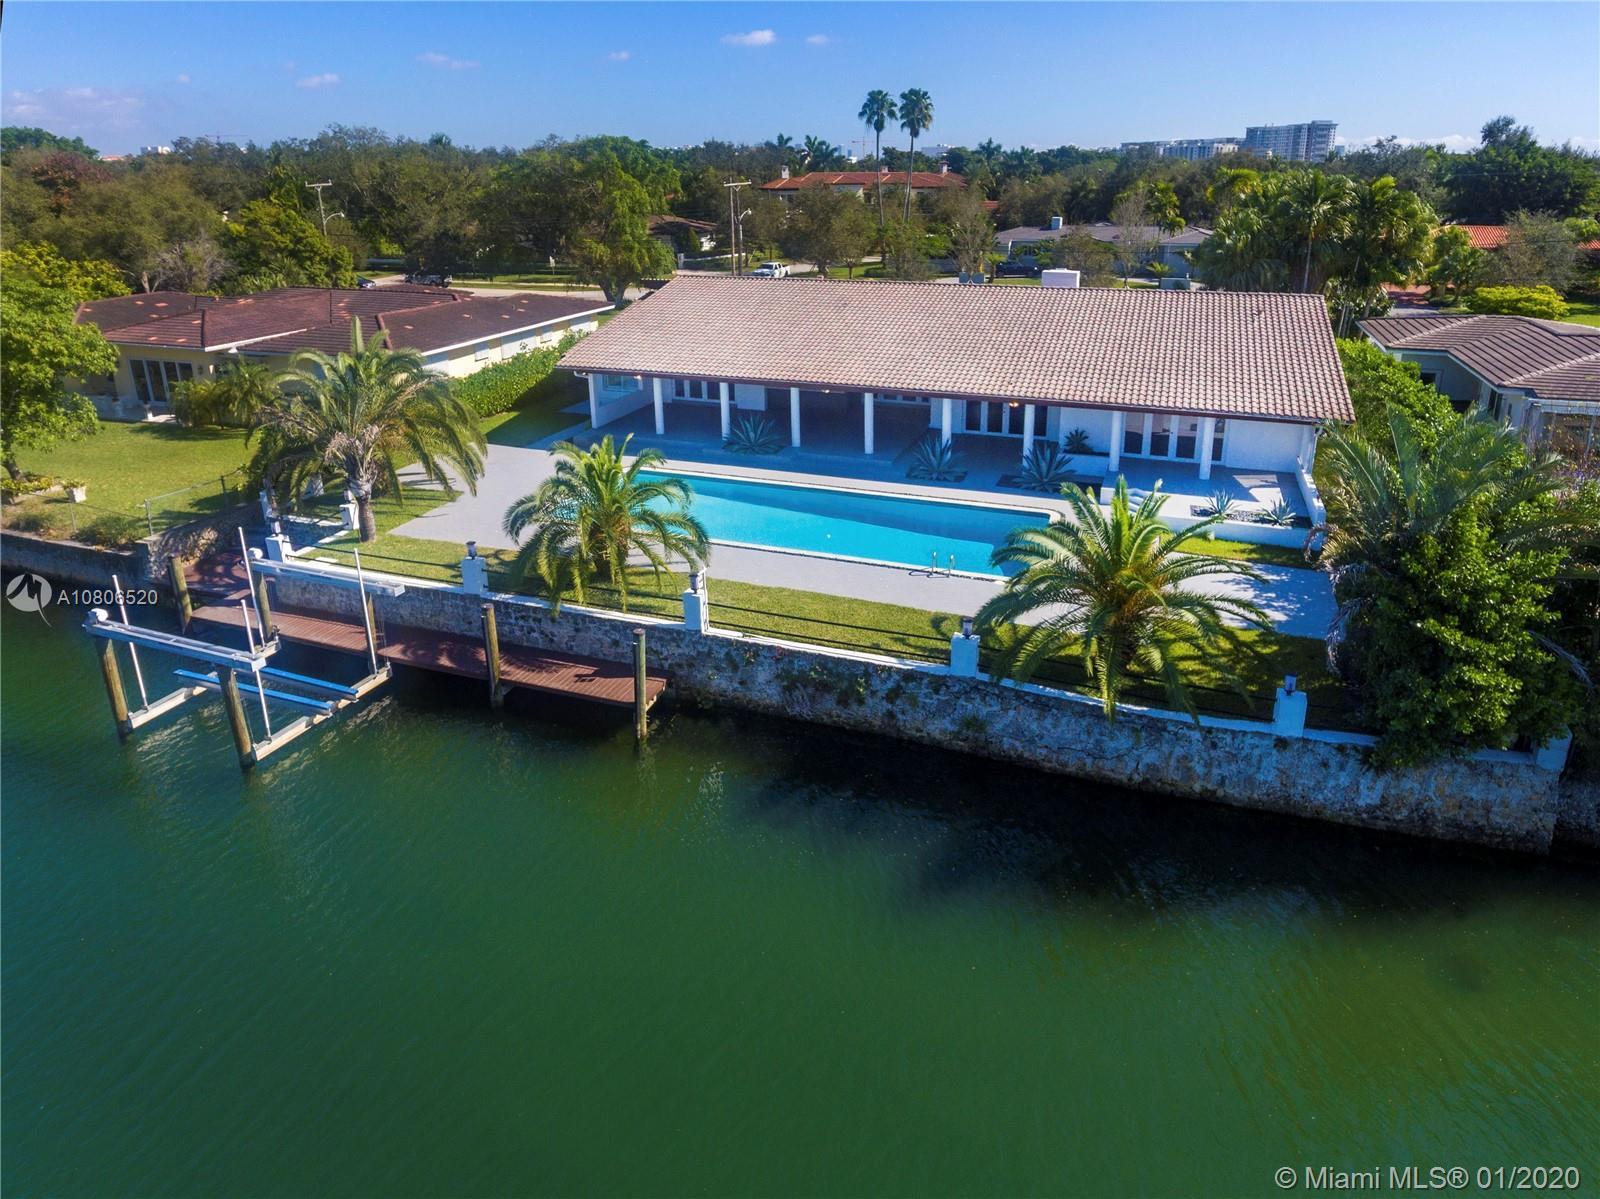 4706 Granada Blvd, Coral Gables, FL 33146